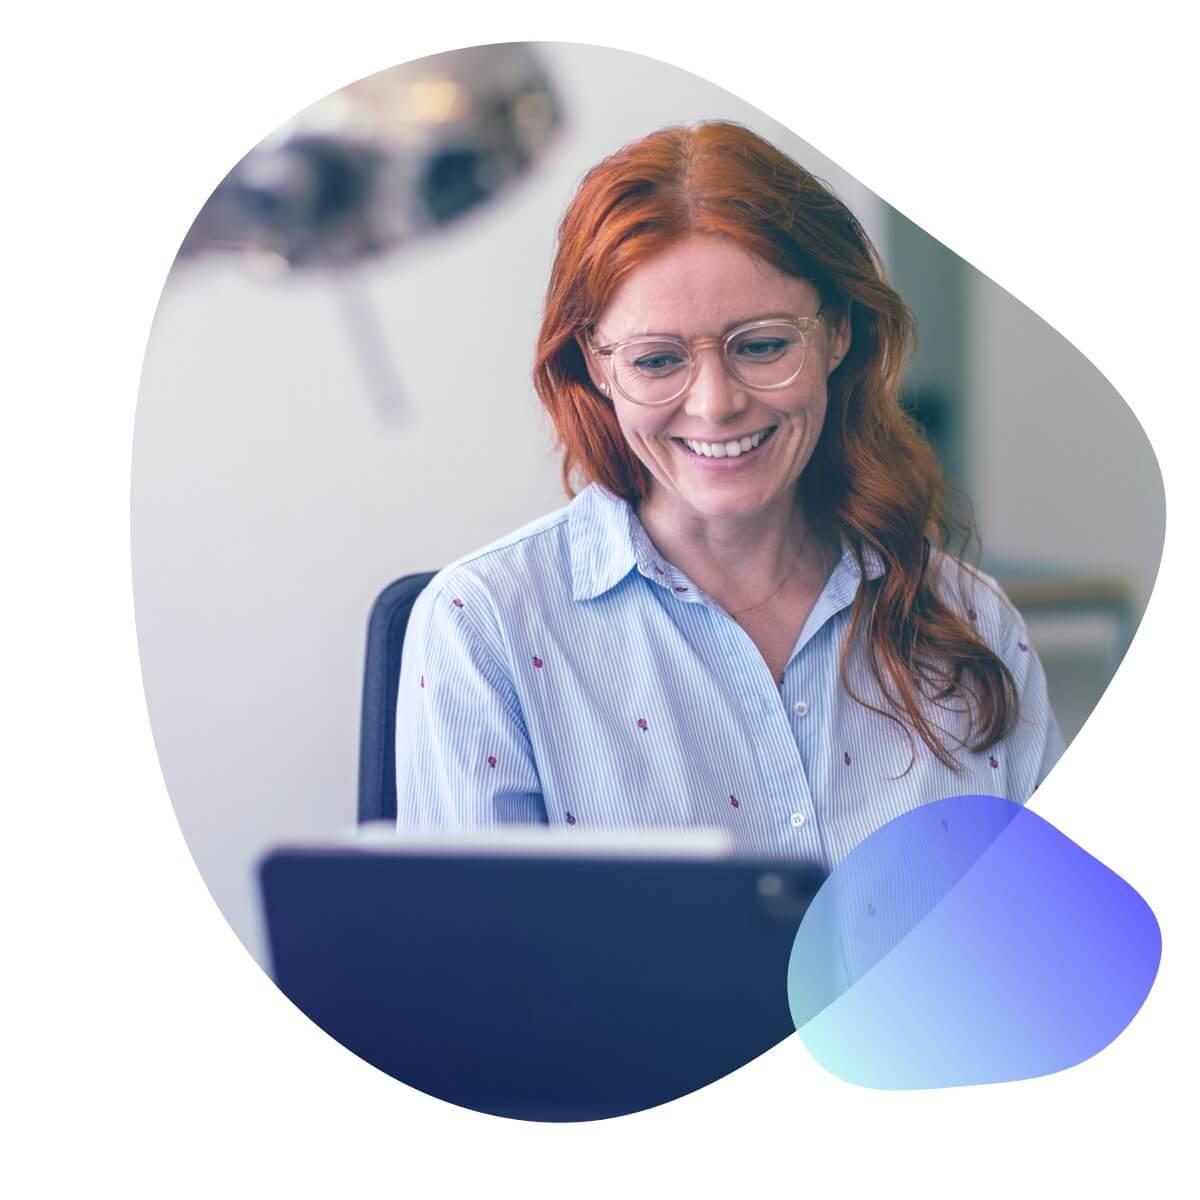 Digitale Personalakte von Haufe HR Services